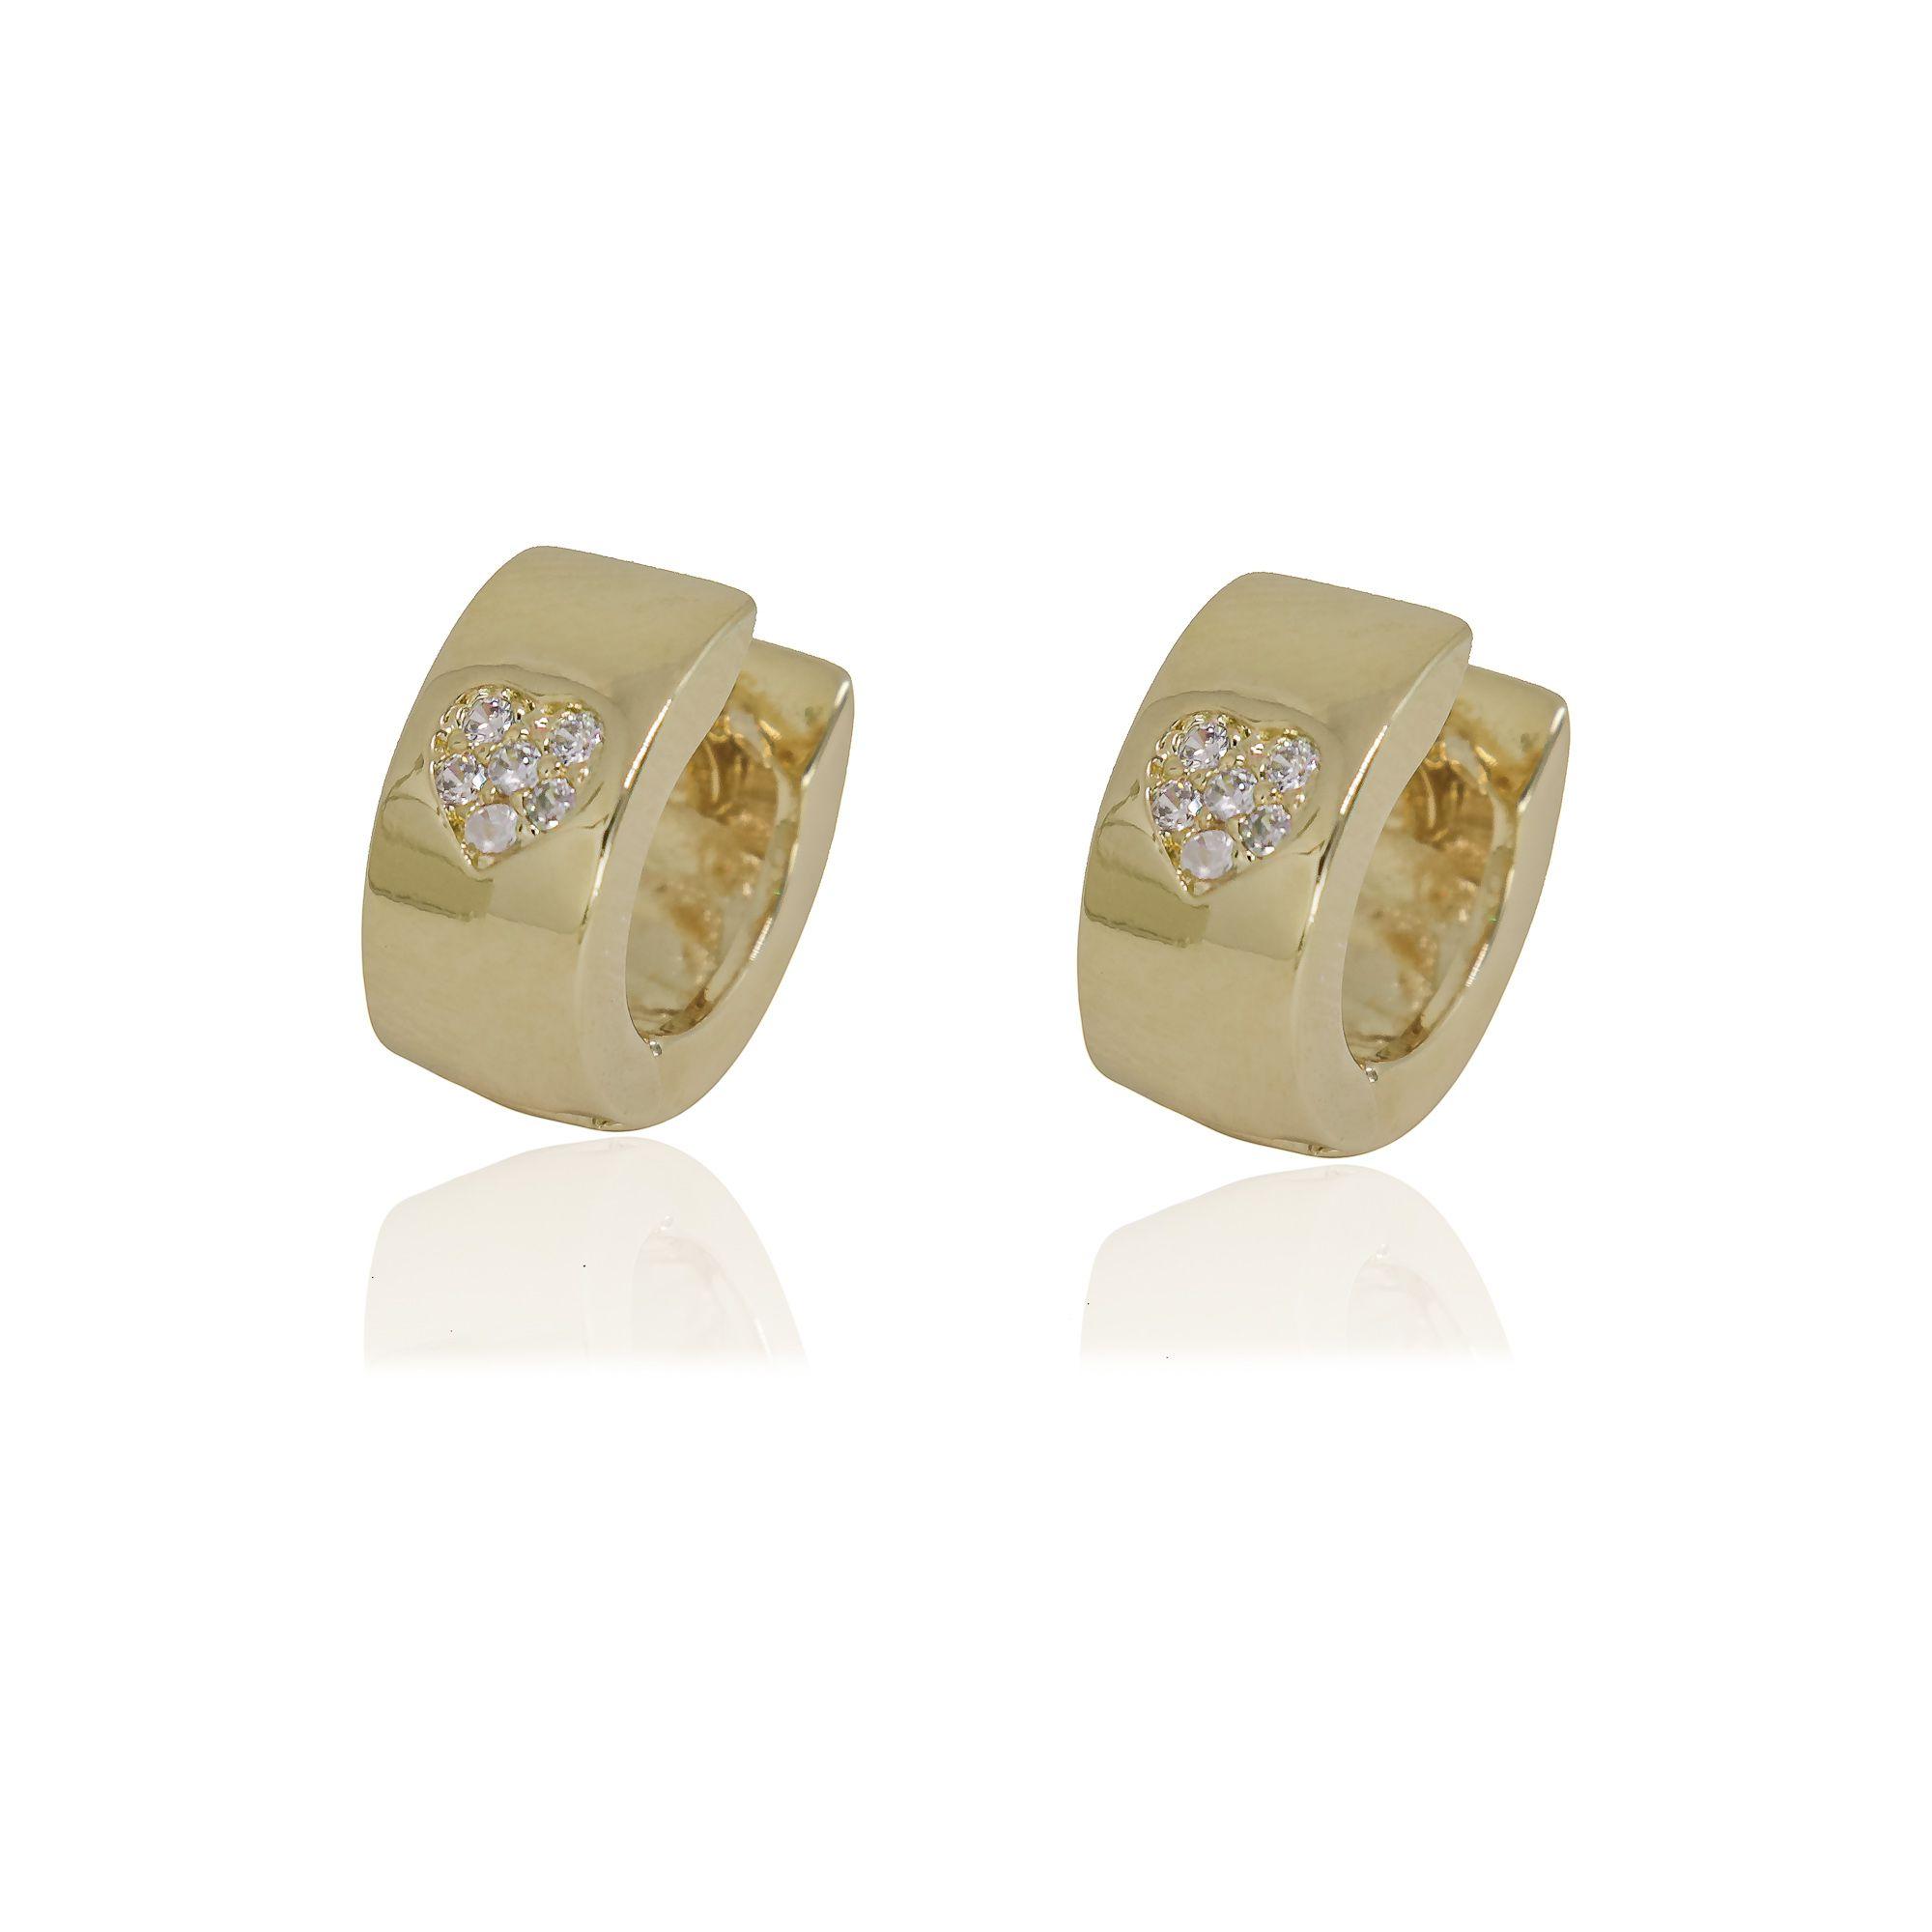 Argola semi joia banhada a ouro 18k ou rhodium com coração cravejado em microzircônia